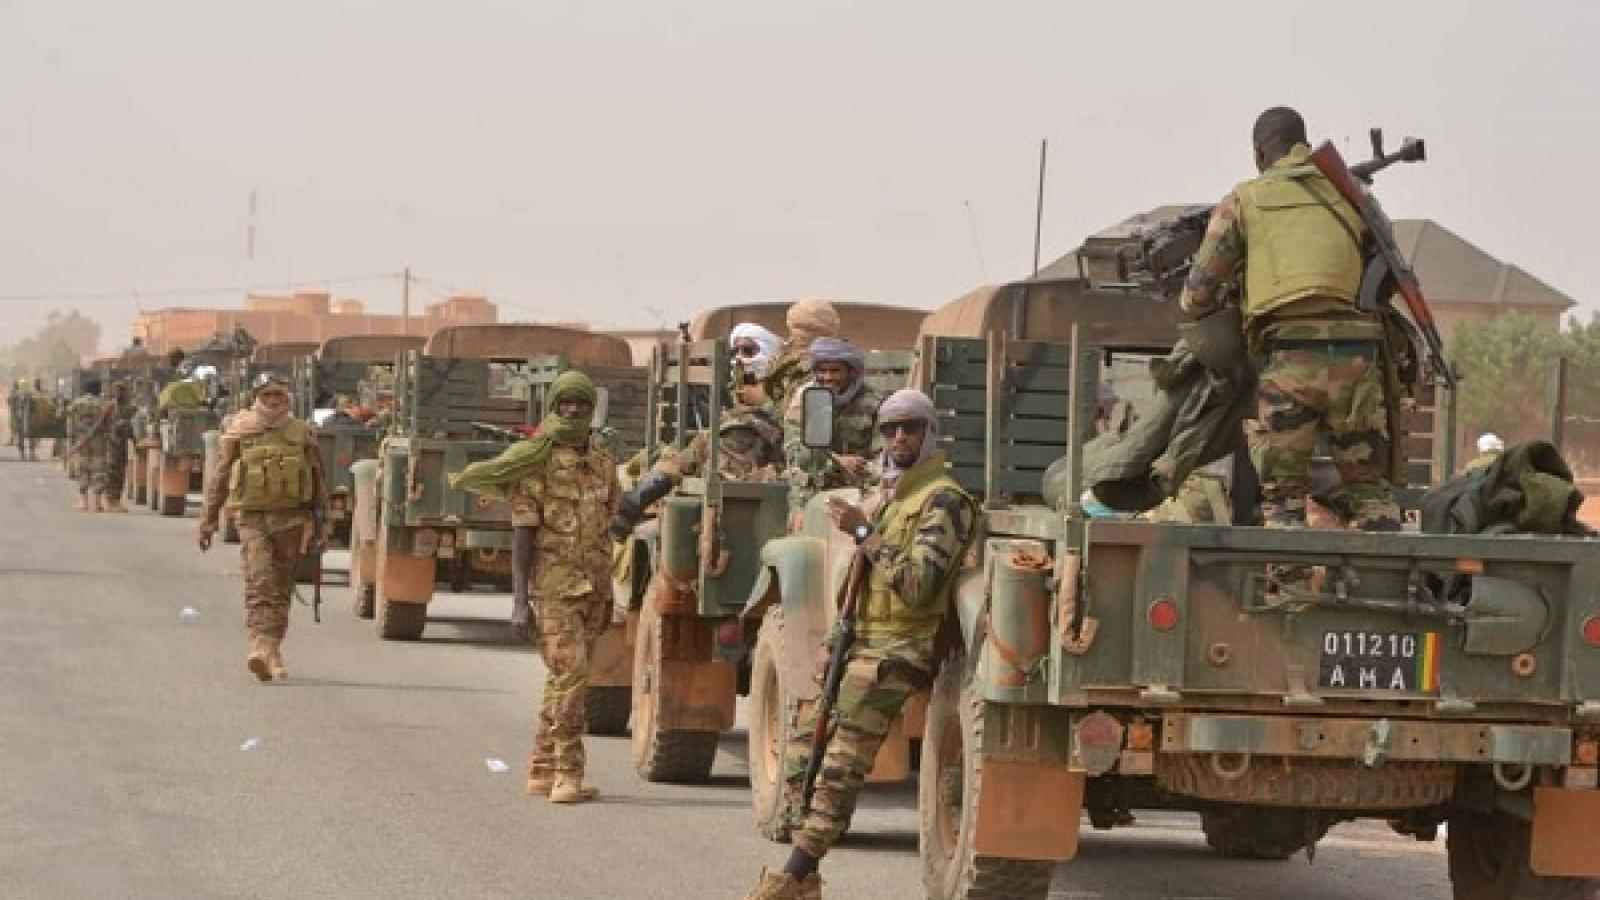 JINIM đứng sau vụ tấn công các binh lính Pháp tại Mali